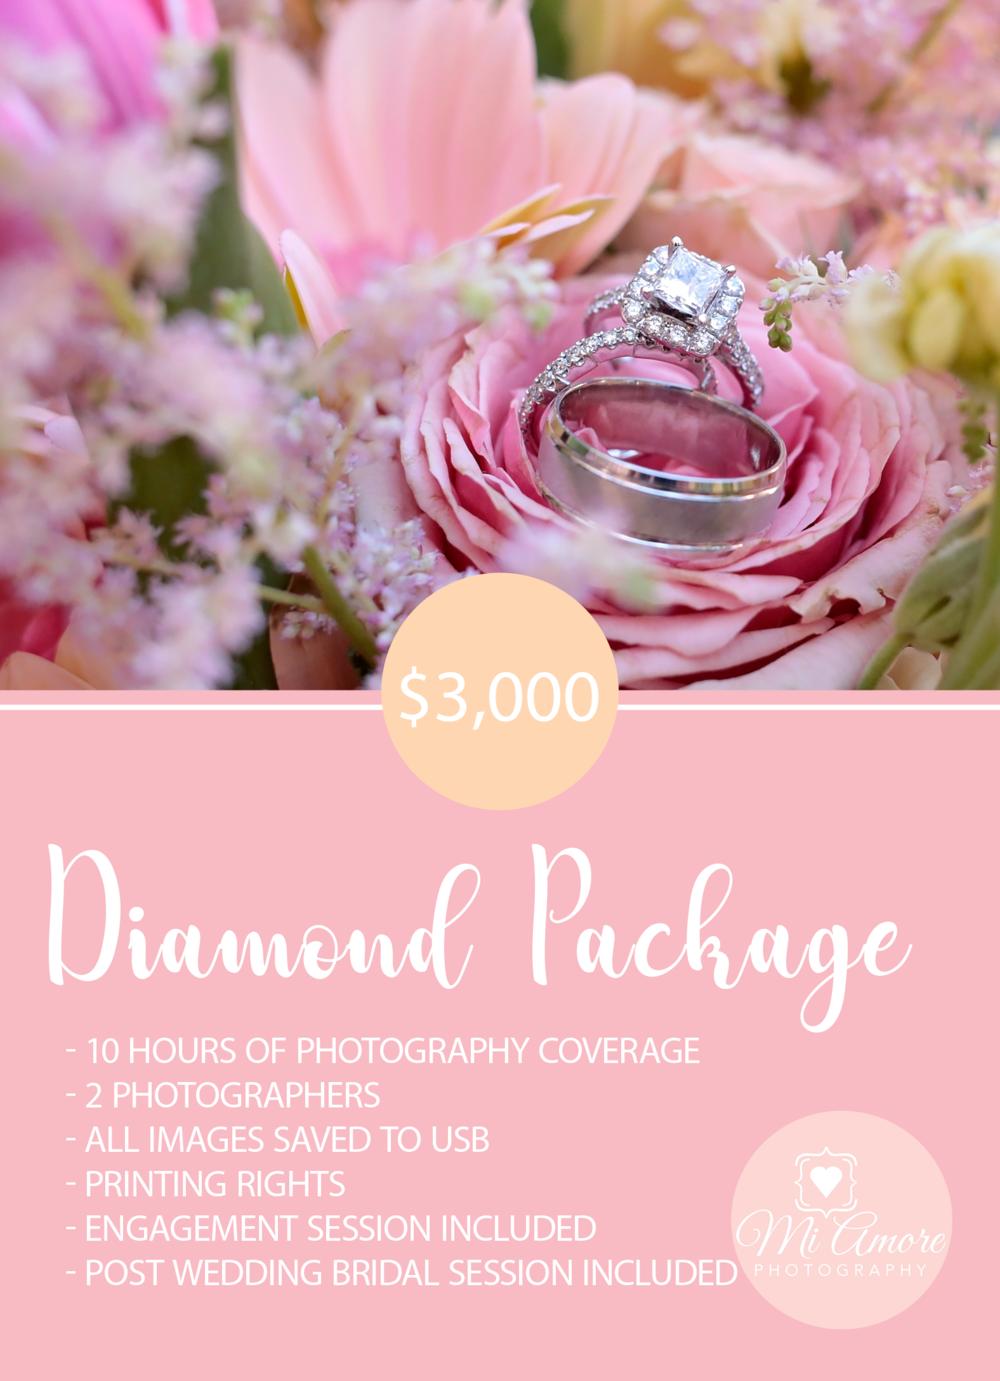 diamondpackage.png